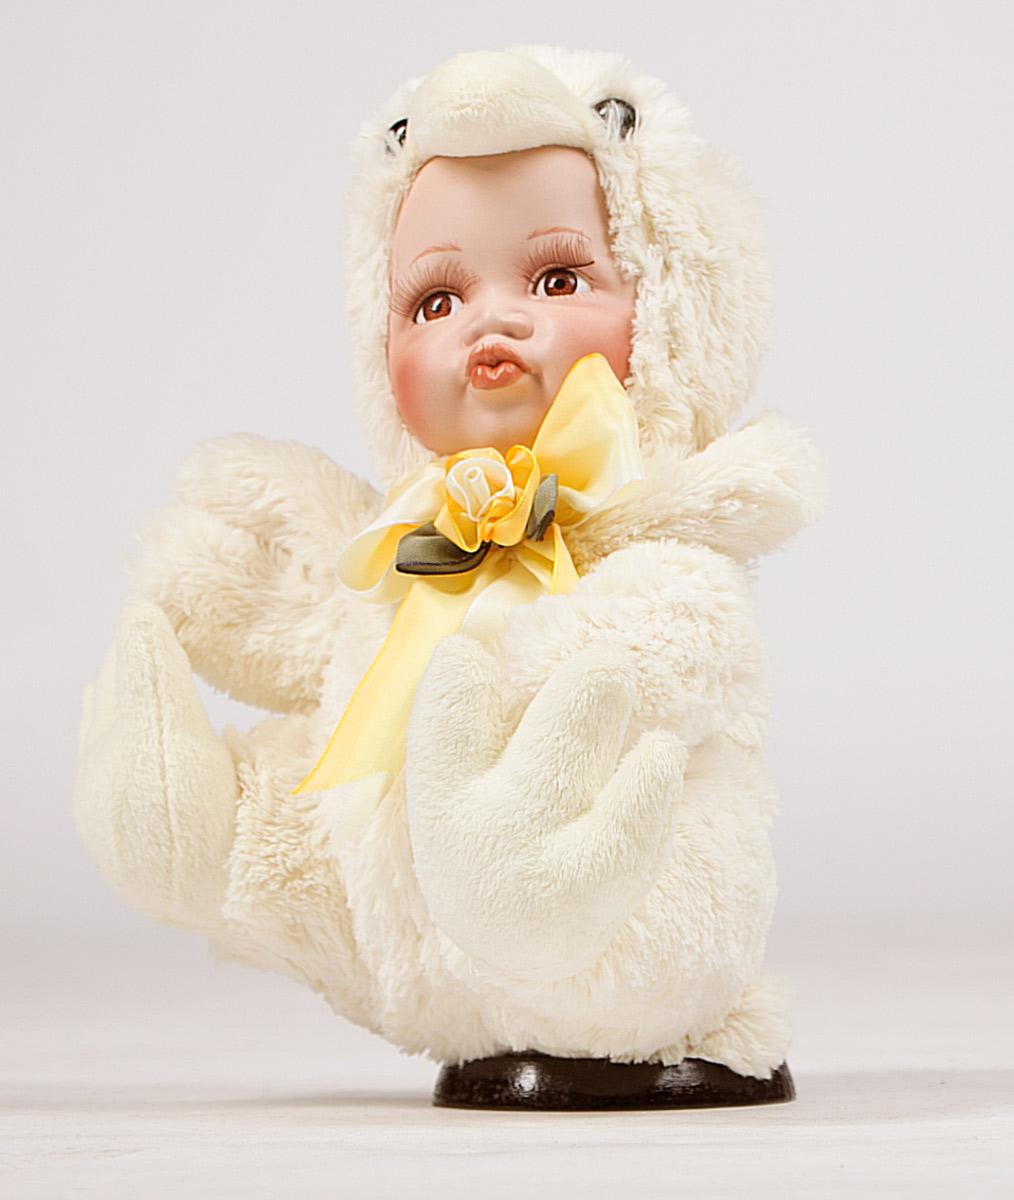 Кукла ESTRO, цвет: желтый, диаметр 30 см. C21-128215C21-128215Кукла создана вручную, неповторима и оригинальна. Порадуйте своих друзей и близких этим замечательным подарком!